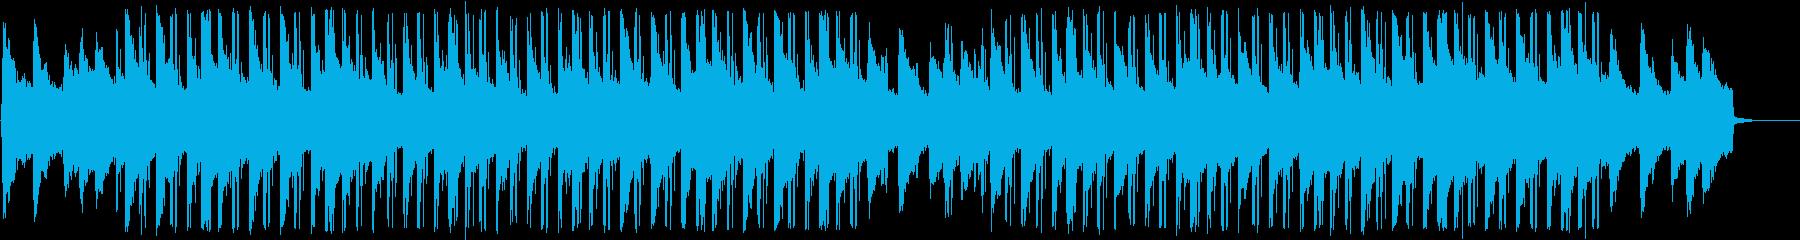 おしゃれで浮遊感のチルアウトの再生済みの波形